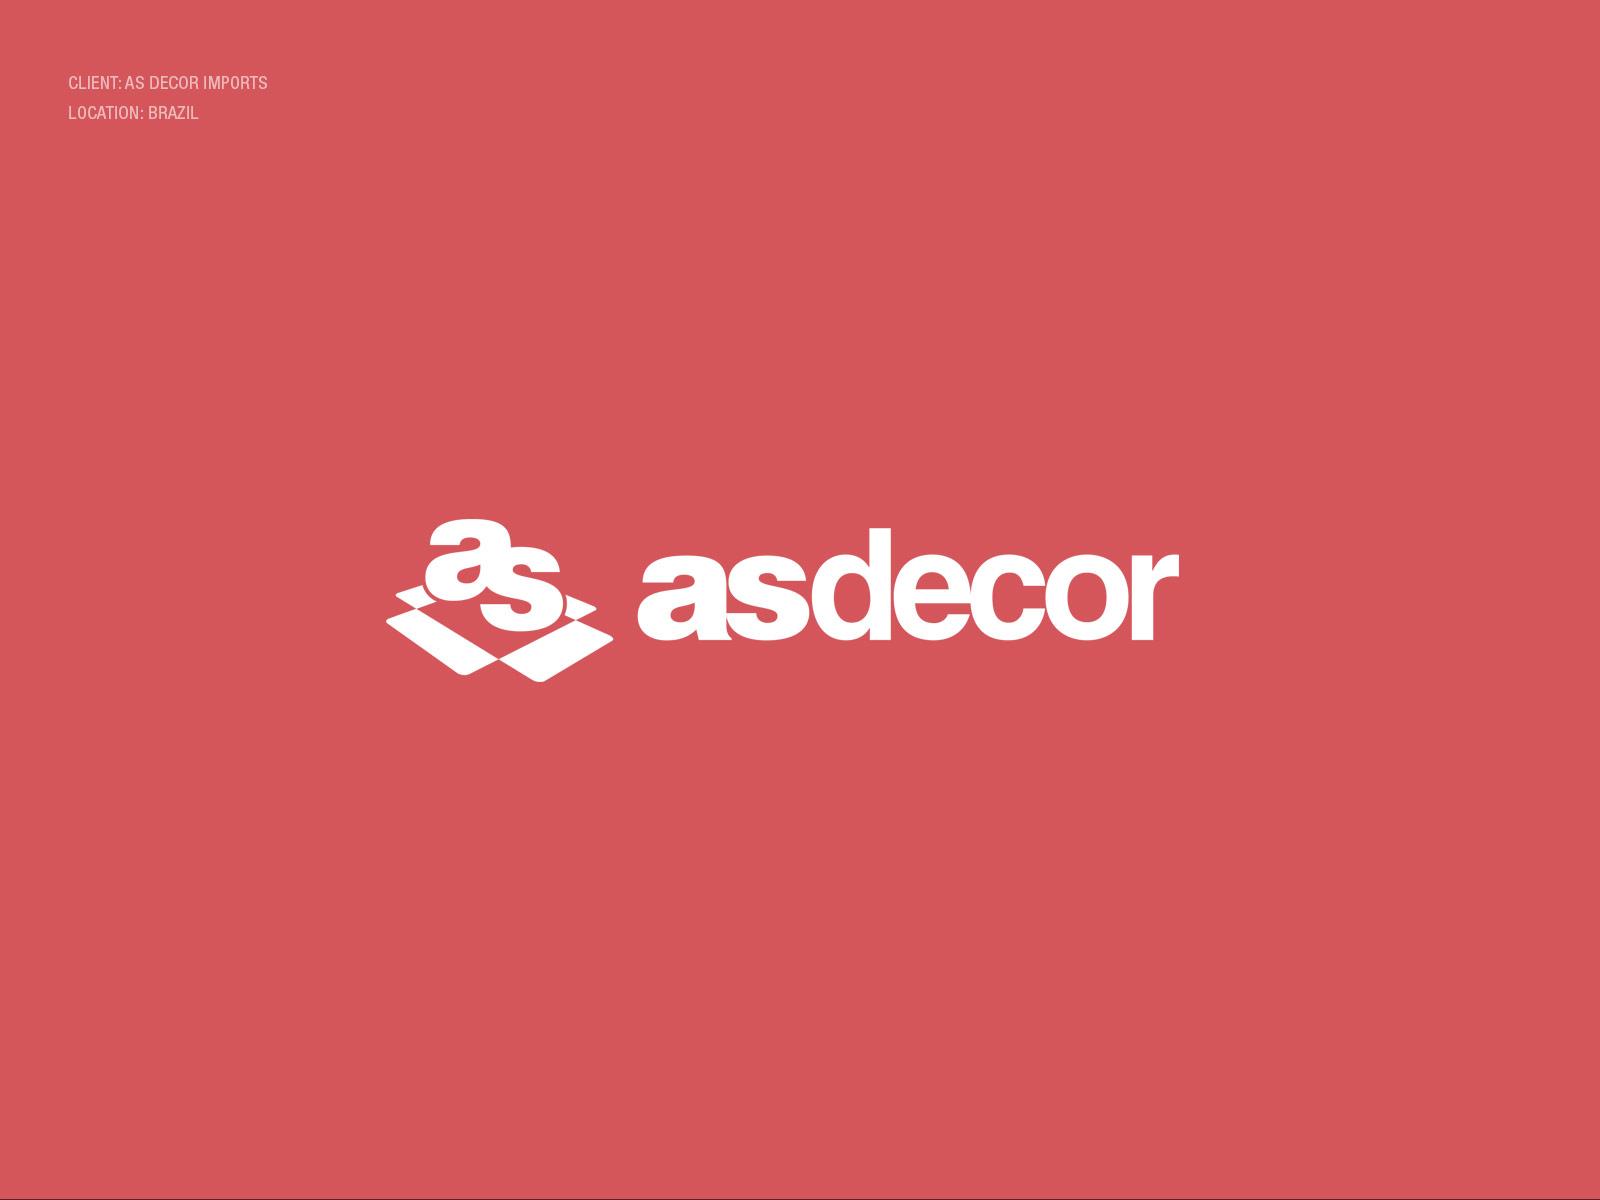 logodesign-asdecor